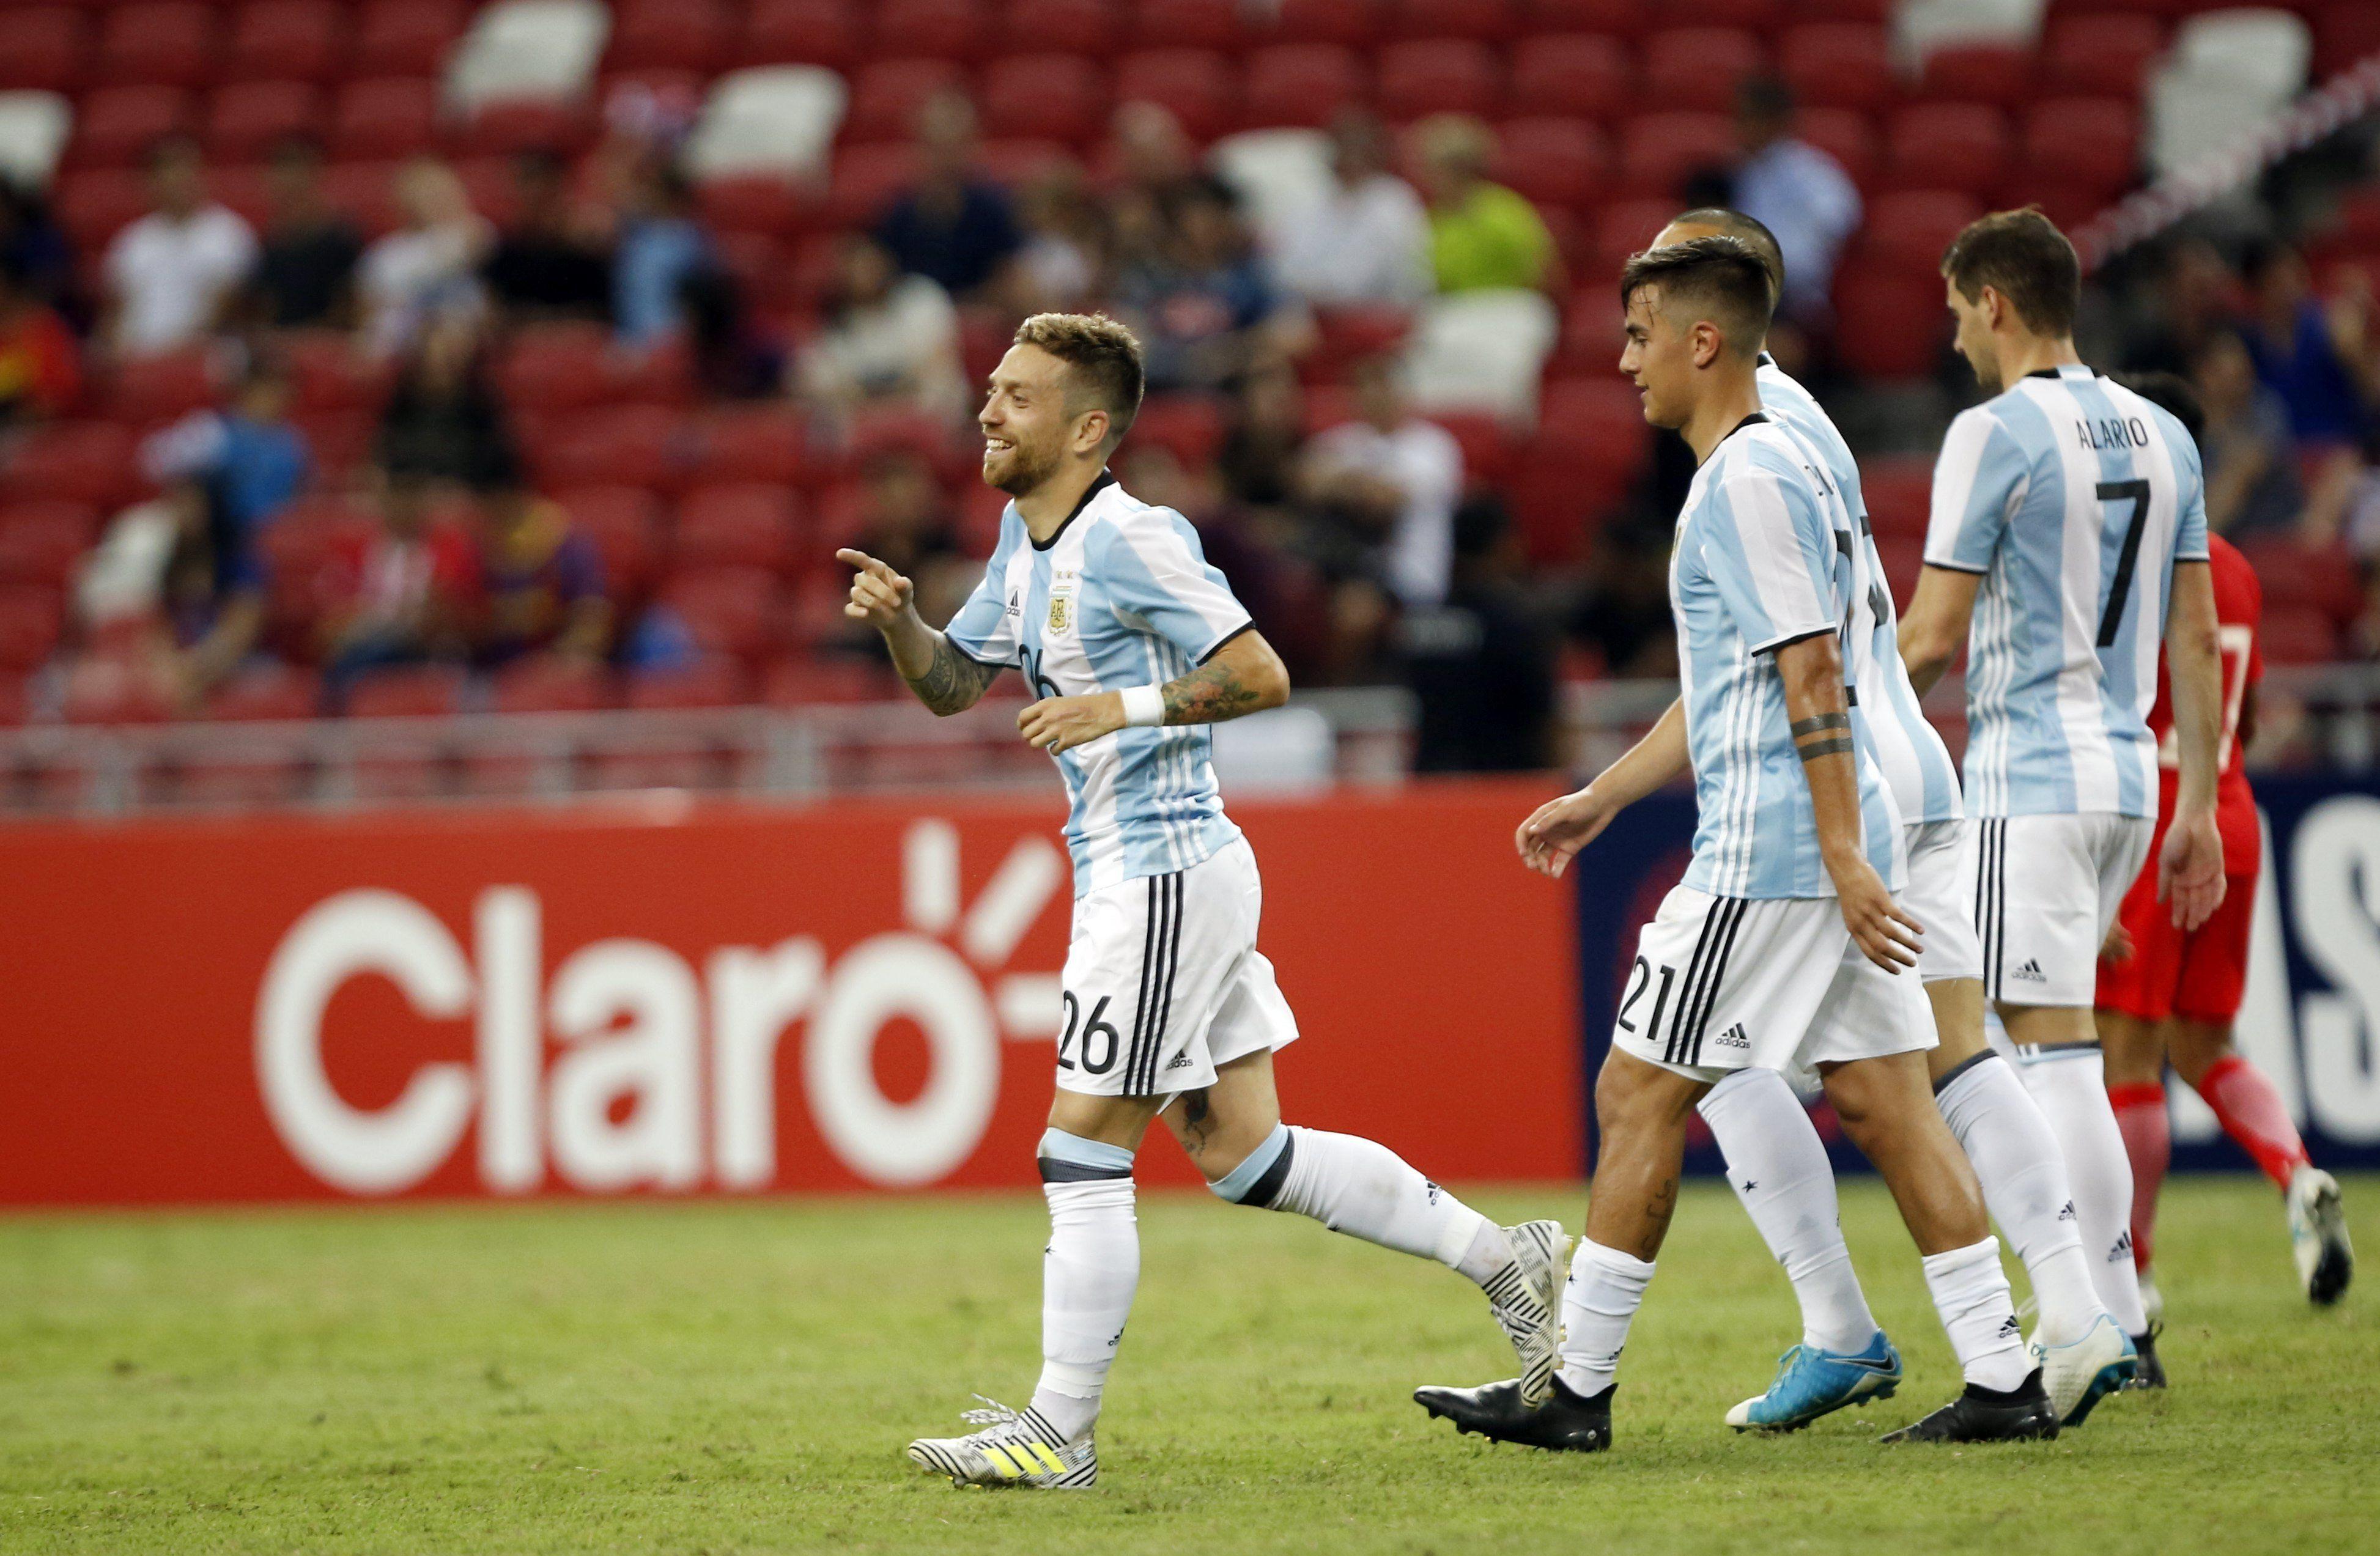 ¡Que no deje de hacerla! La insólita cábala del Papu Gómez para meter a Argentina en el Mundial